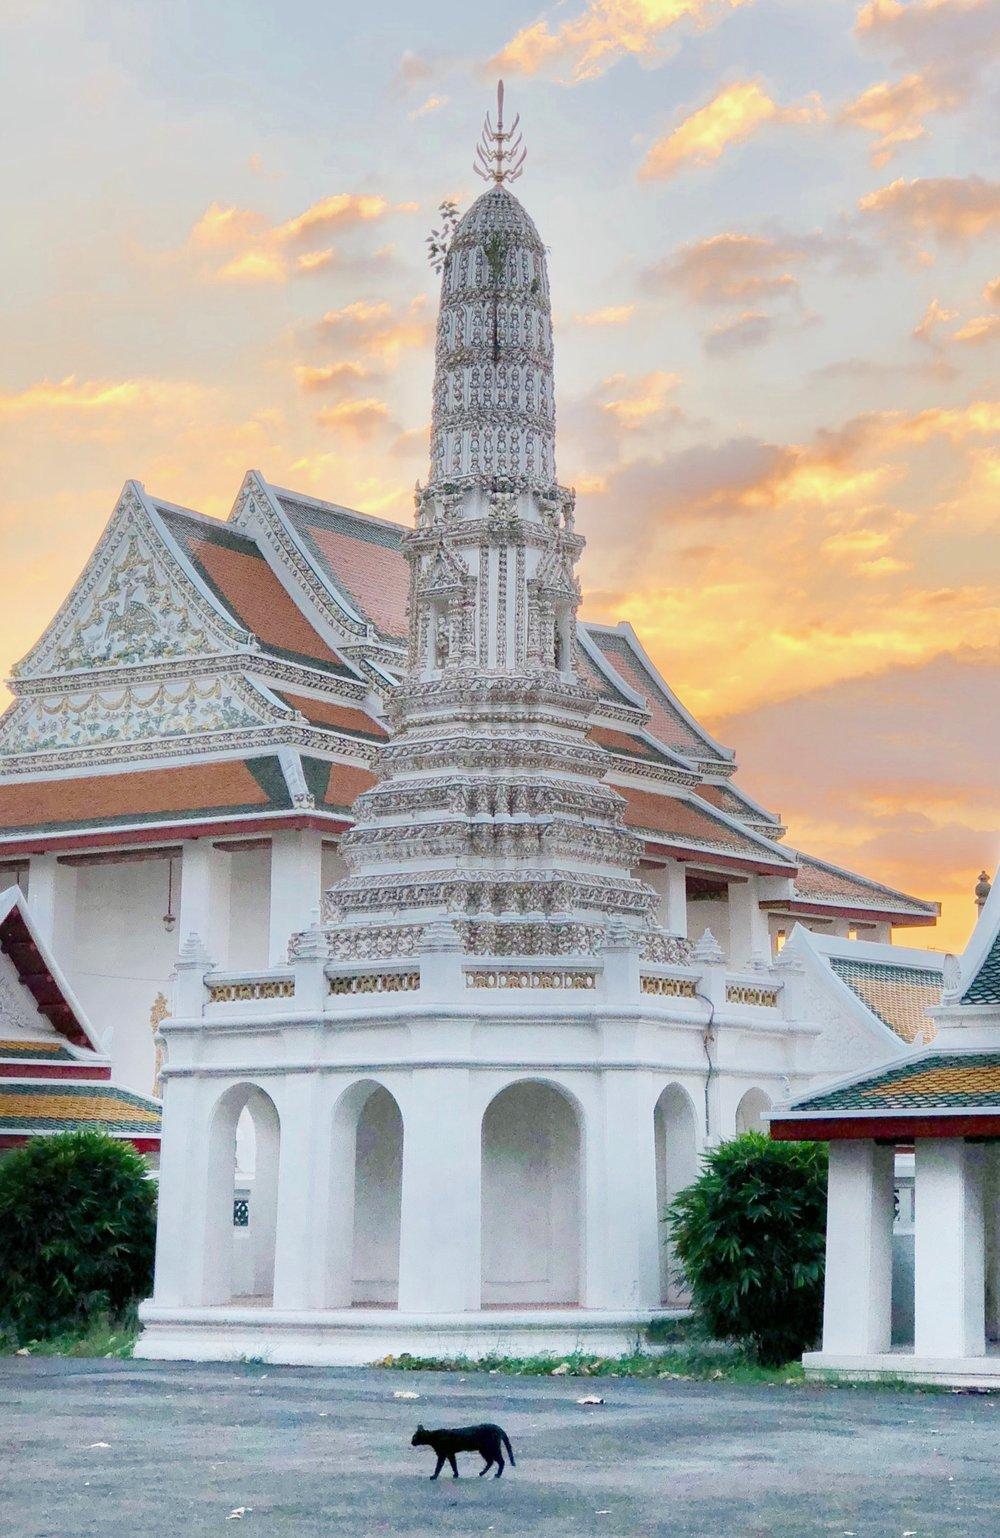 Siam, Thailand